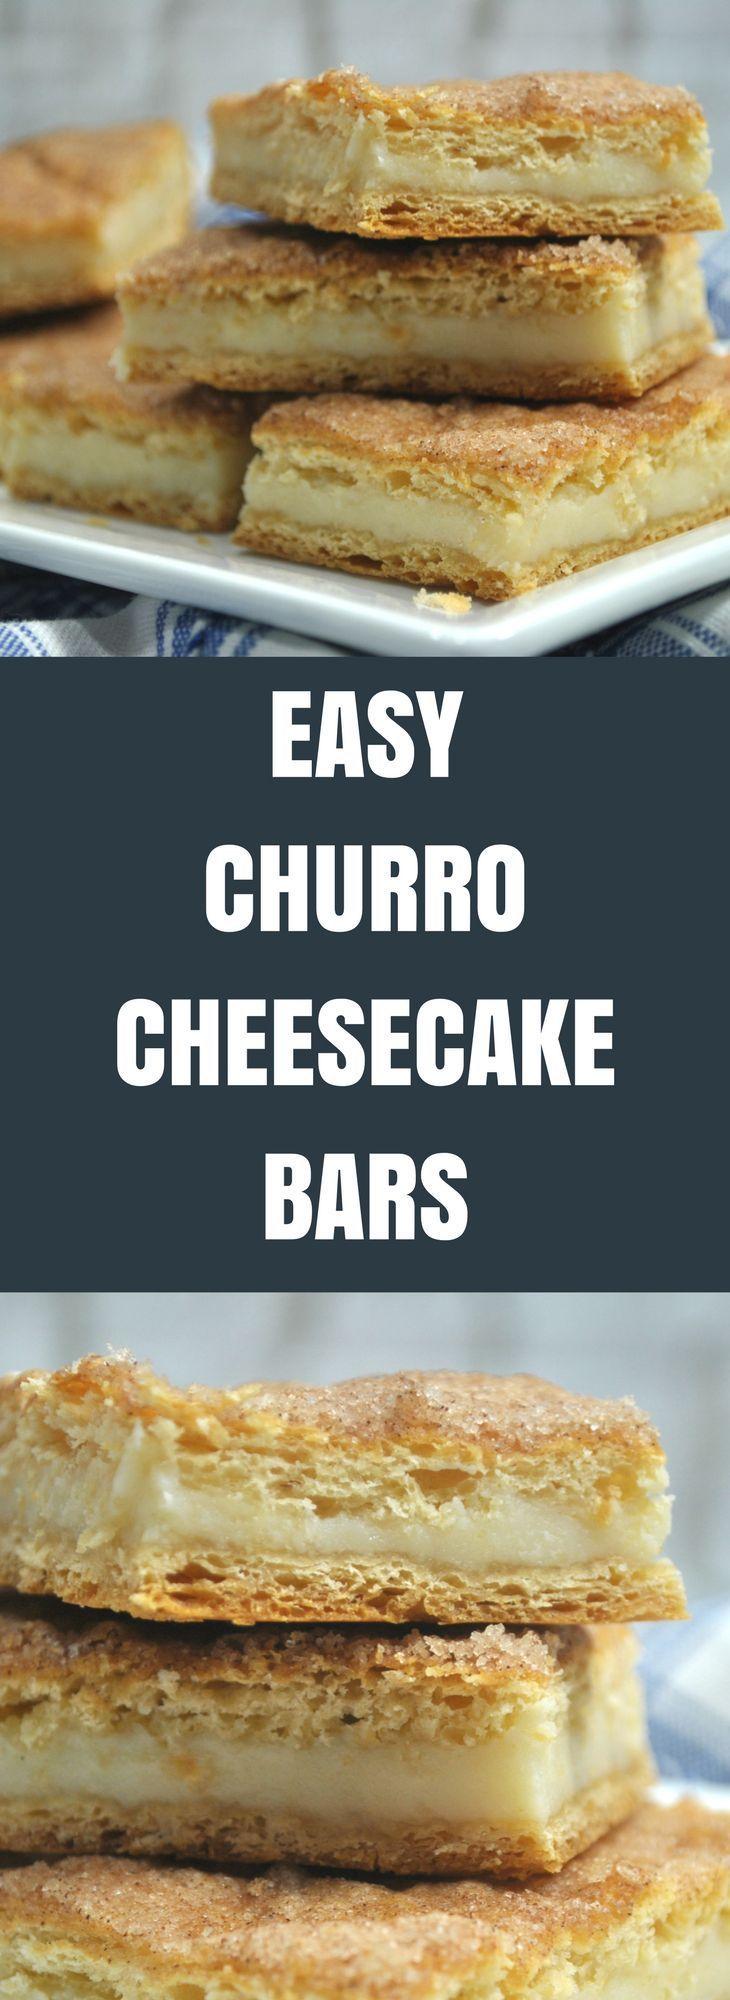 Easy Churro Cheesecake Bars #churrocheesecakebars